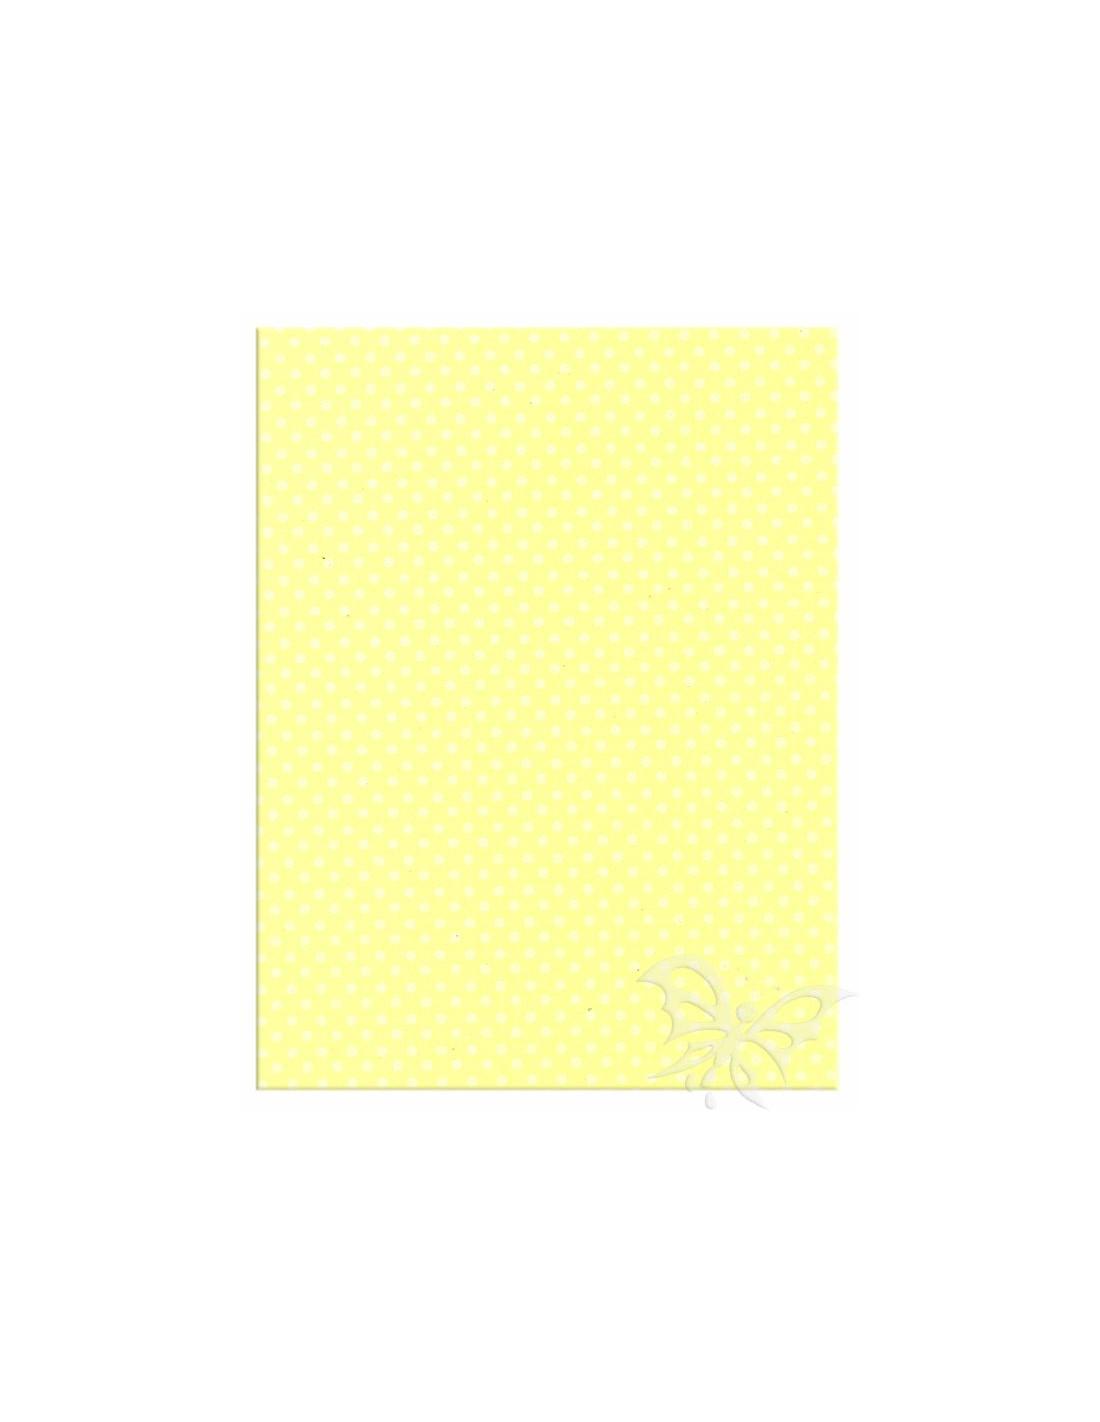 Foglio Moosgummi 40x60cm 2mm Pois Giallo Pastello-Bianco. Loading zoom 31e937ab24a